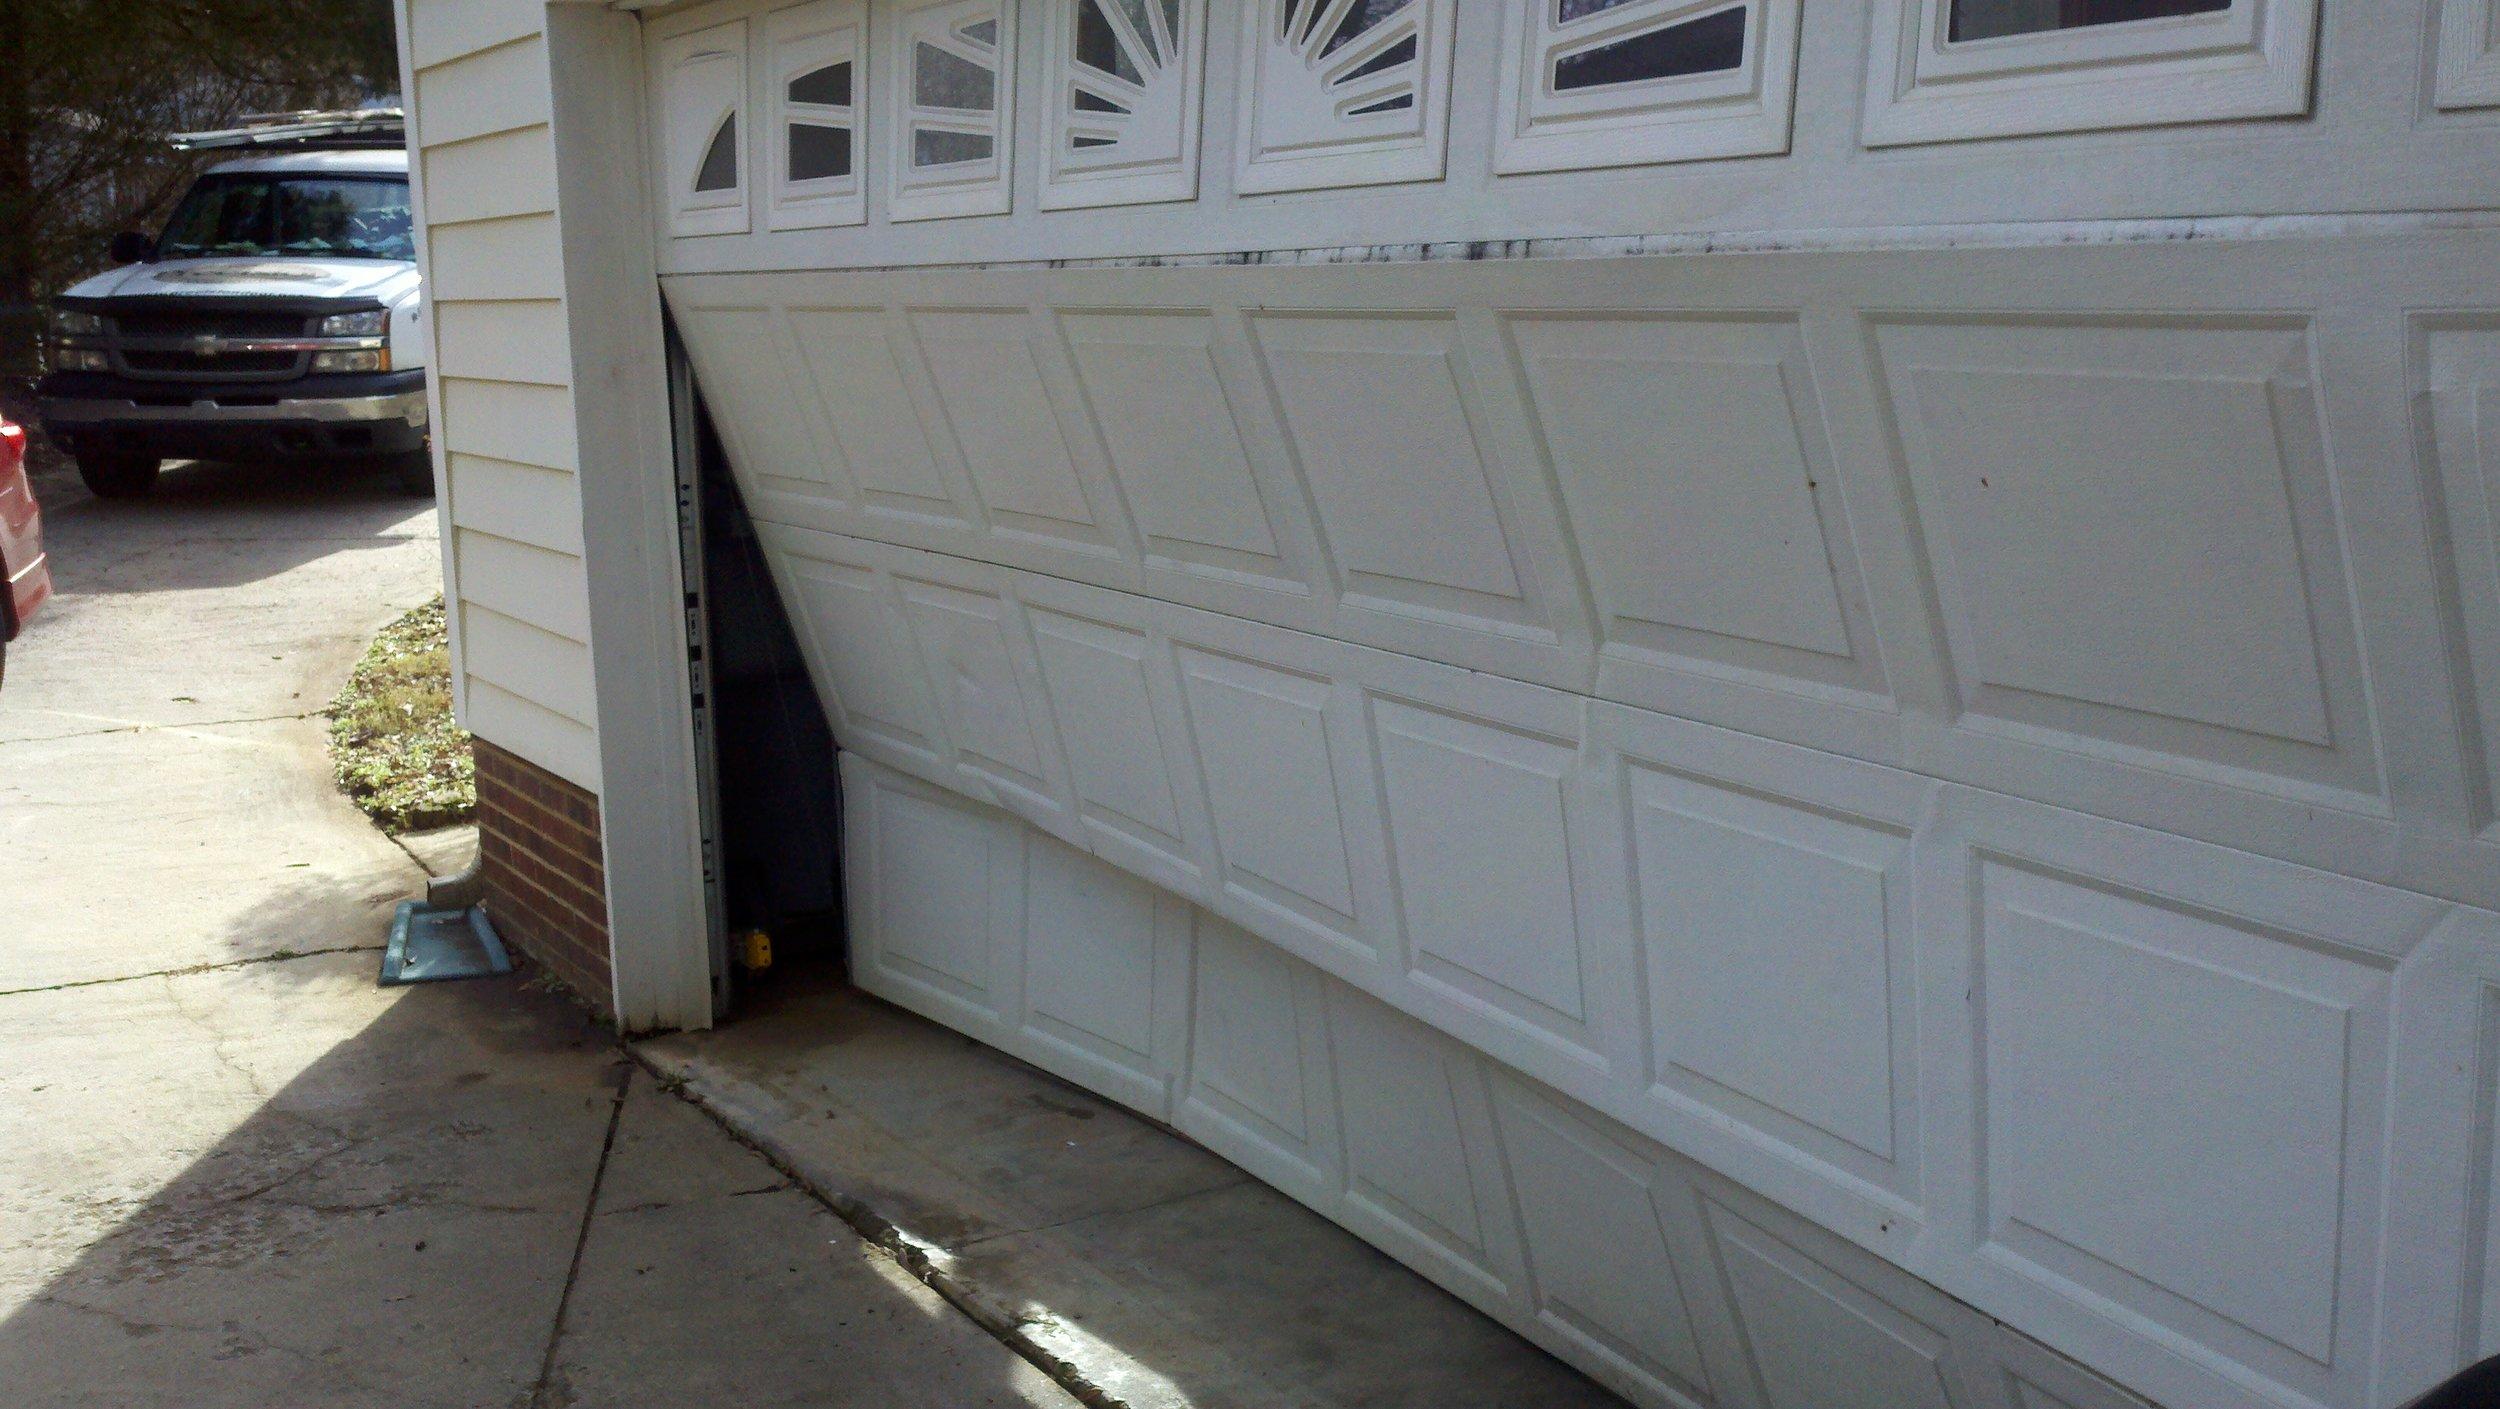 damaged_garage_door_sections.jpg